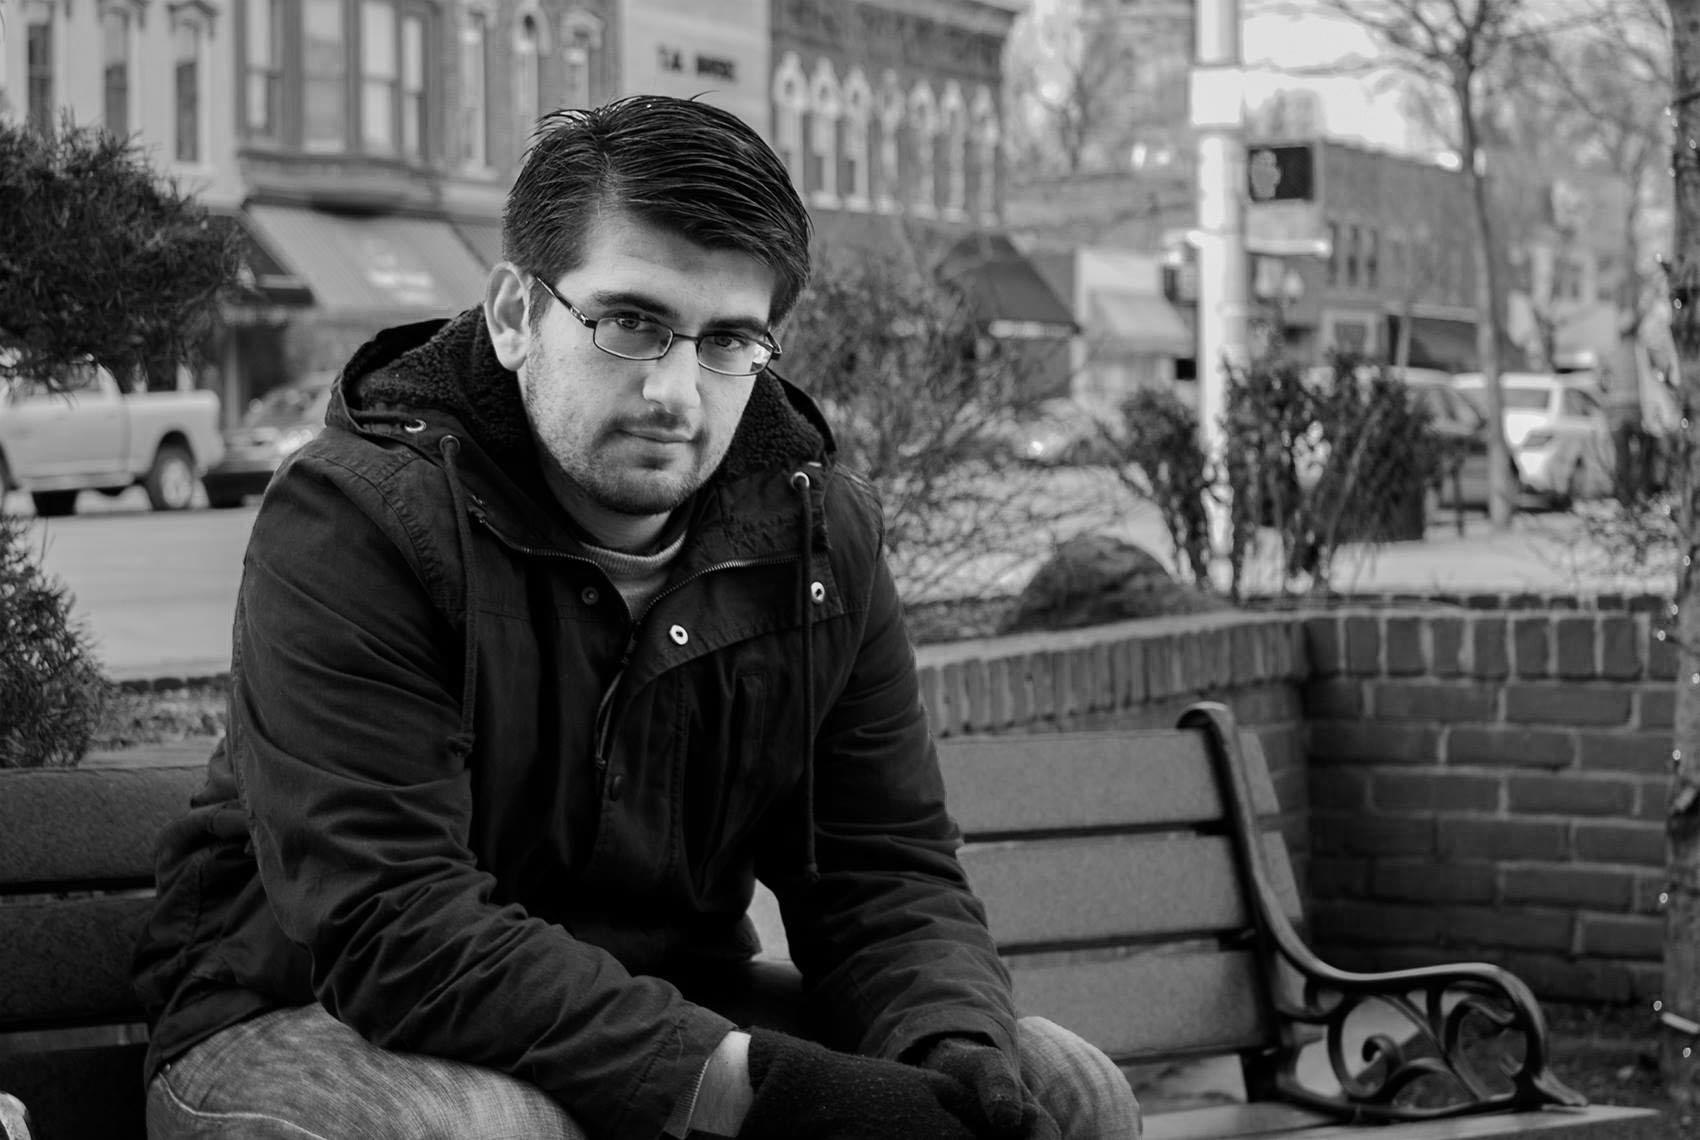 Luis Perez Lerchundi sits on a park bench